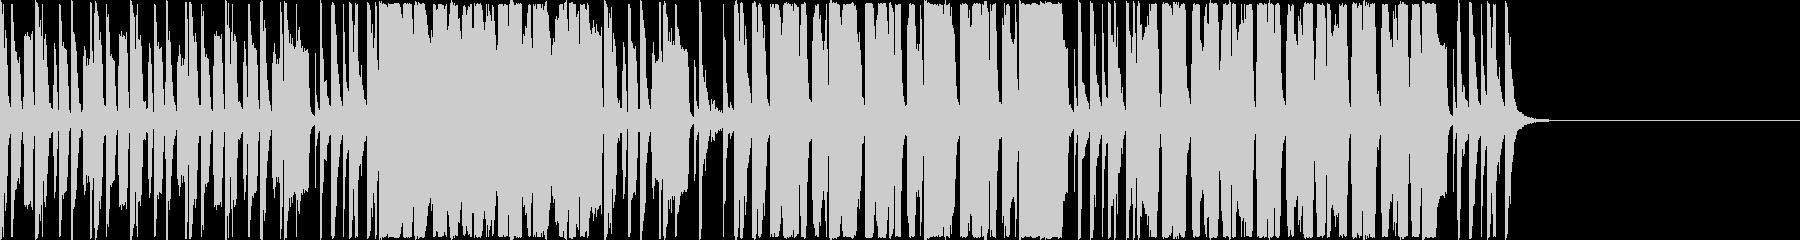 ベースリフと華やかなブラスセクションの未再生の波形